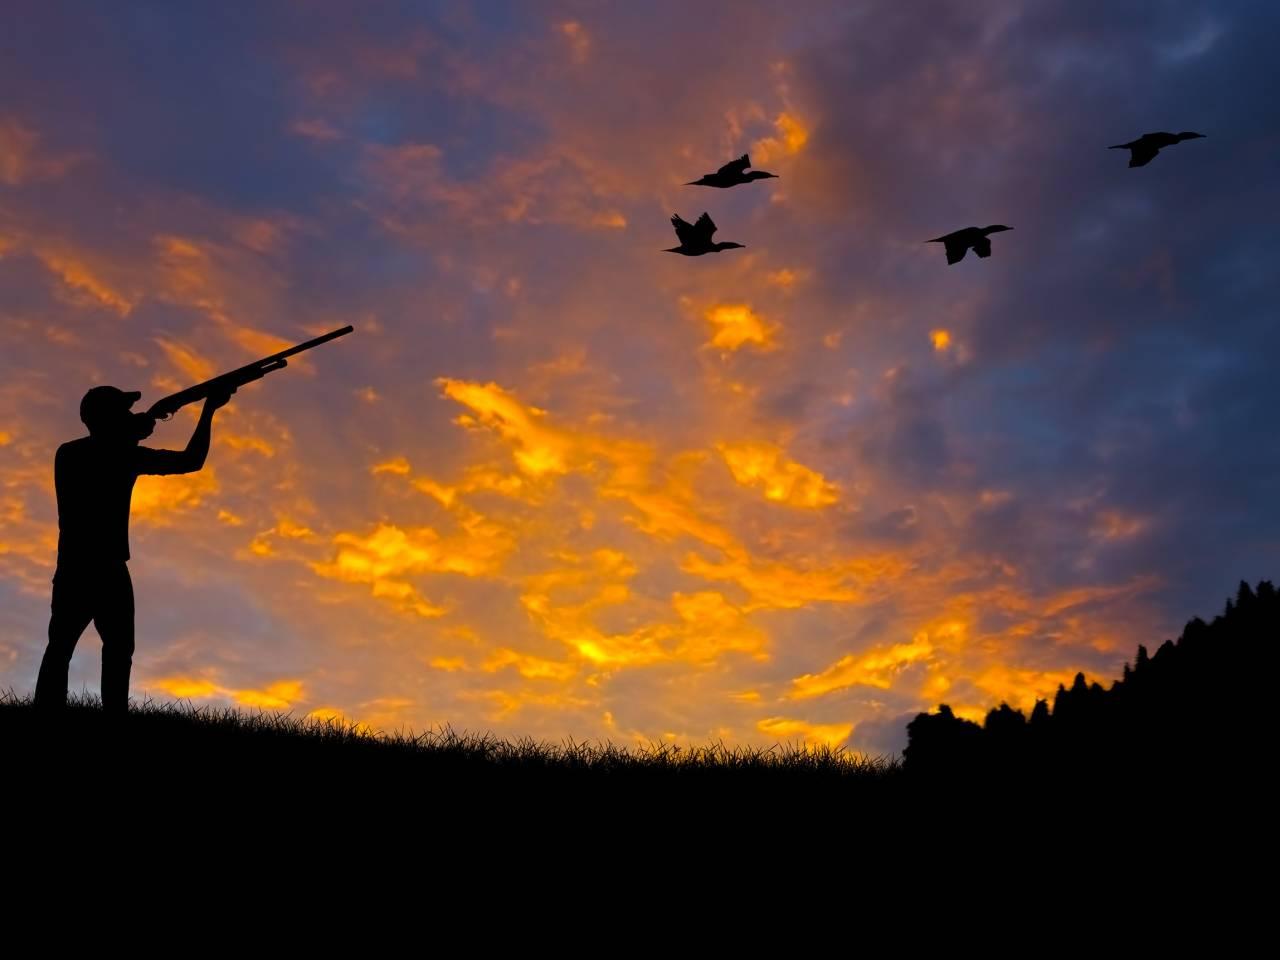 hunting and fishing e1351267190416 1280x960jpg 1280x960